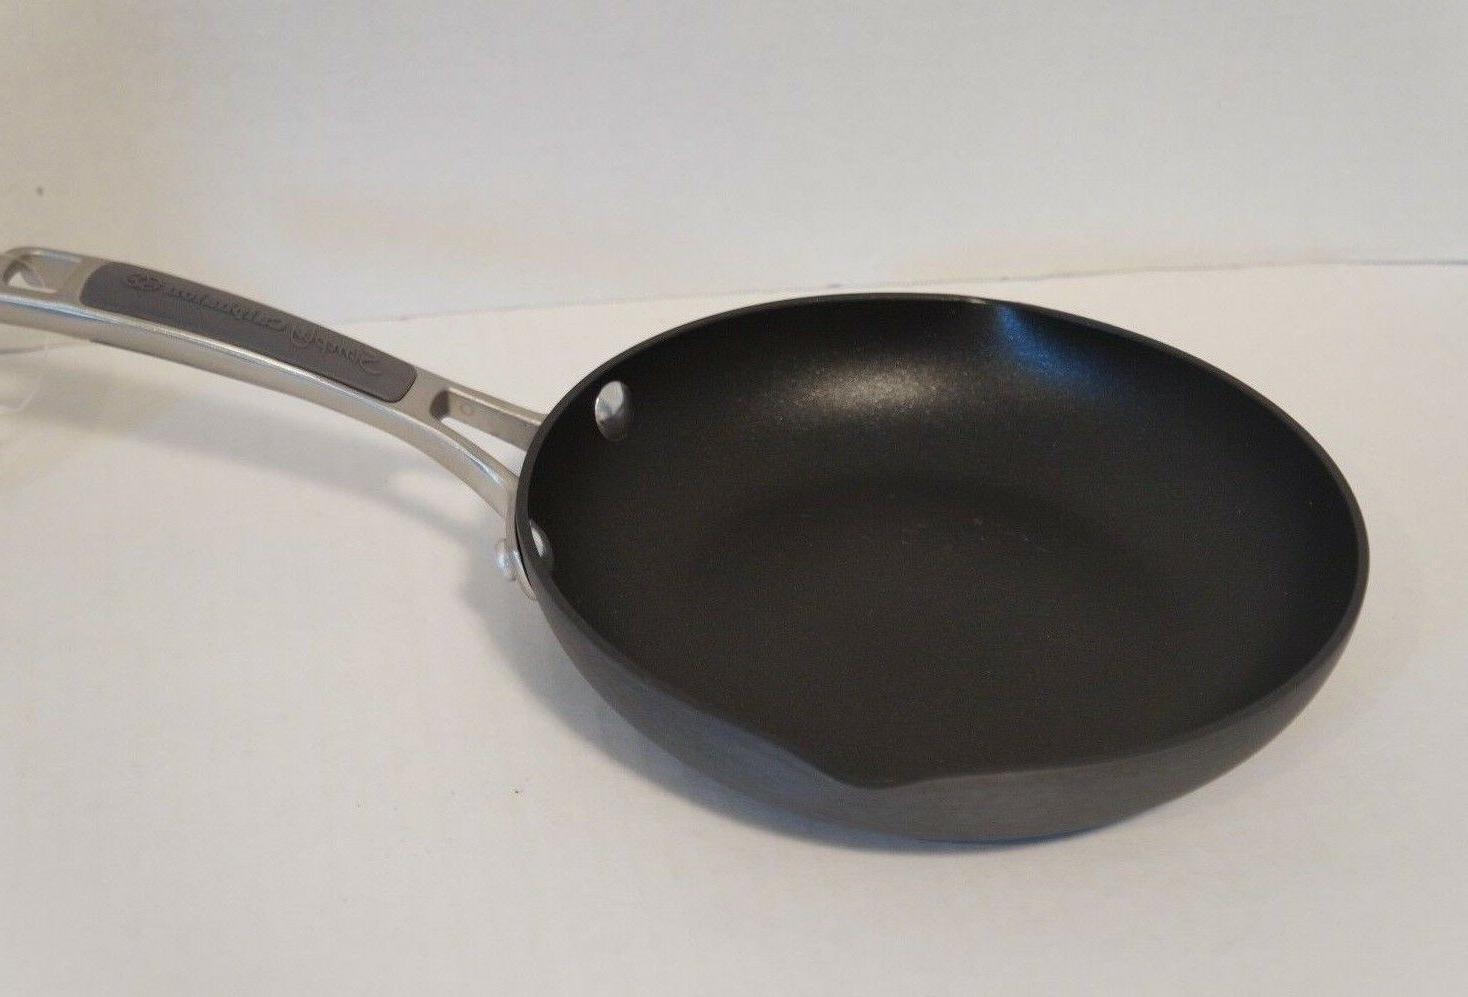 easy system nonstick omelette pan